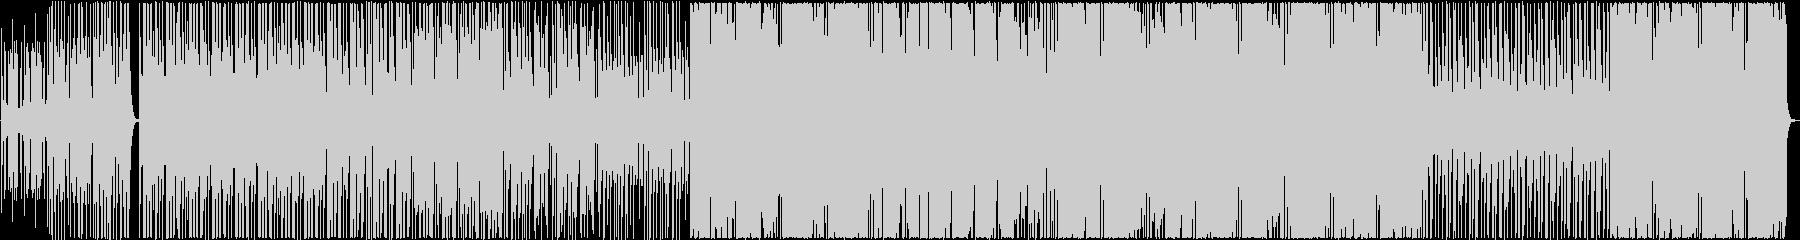 ワールド 民族 トロピカル エキゾ...の未再生の波形